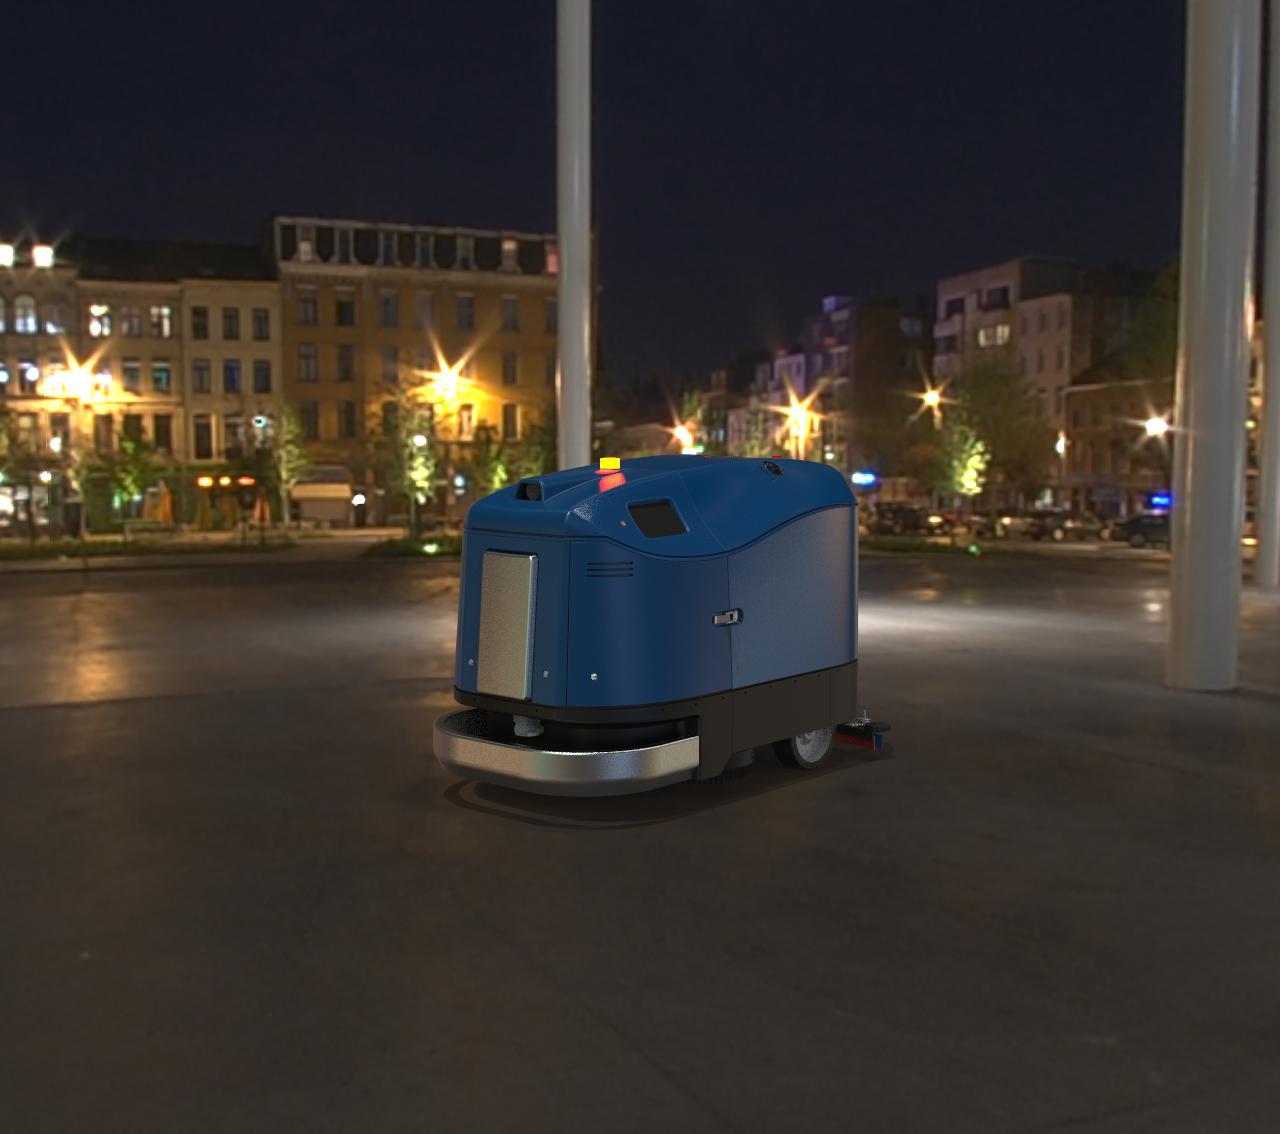 大型商业地面清洁机器人